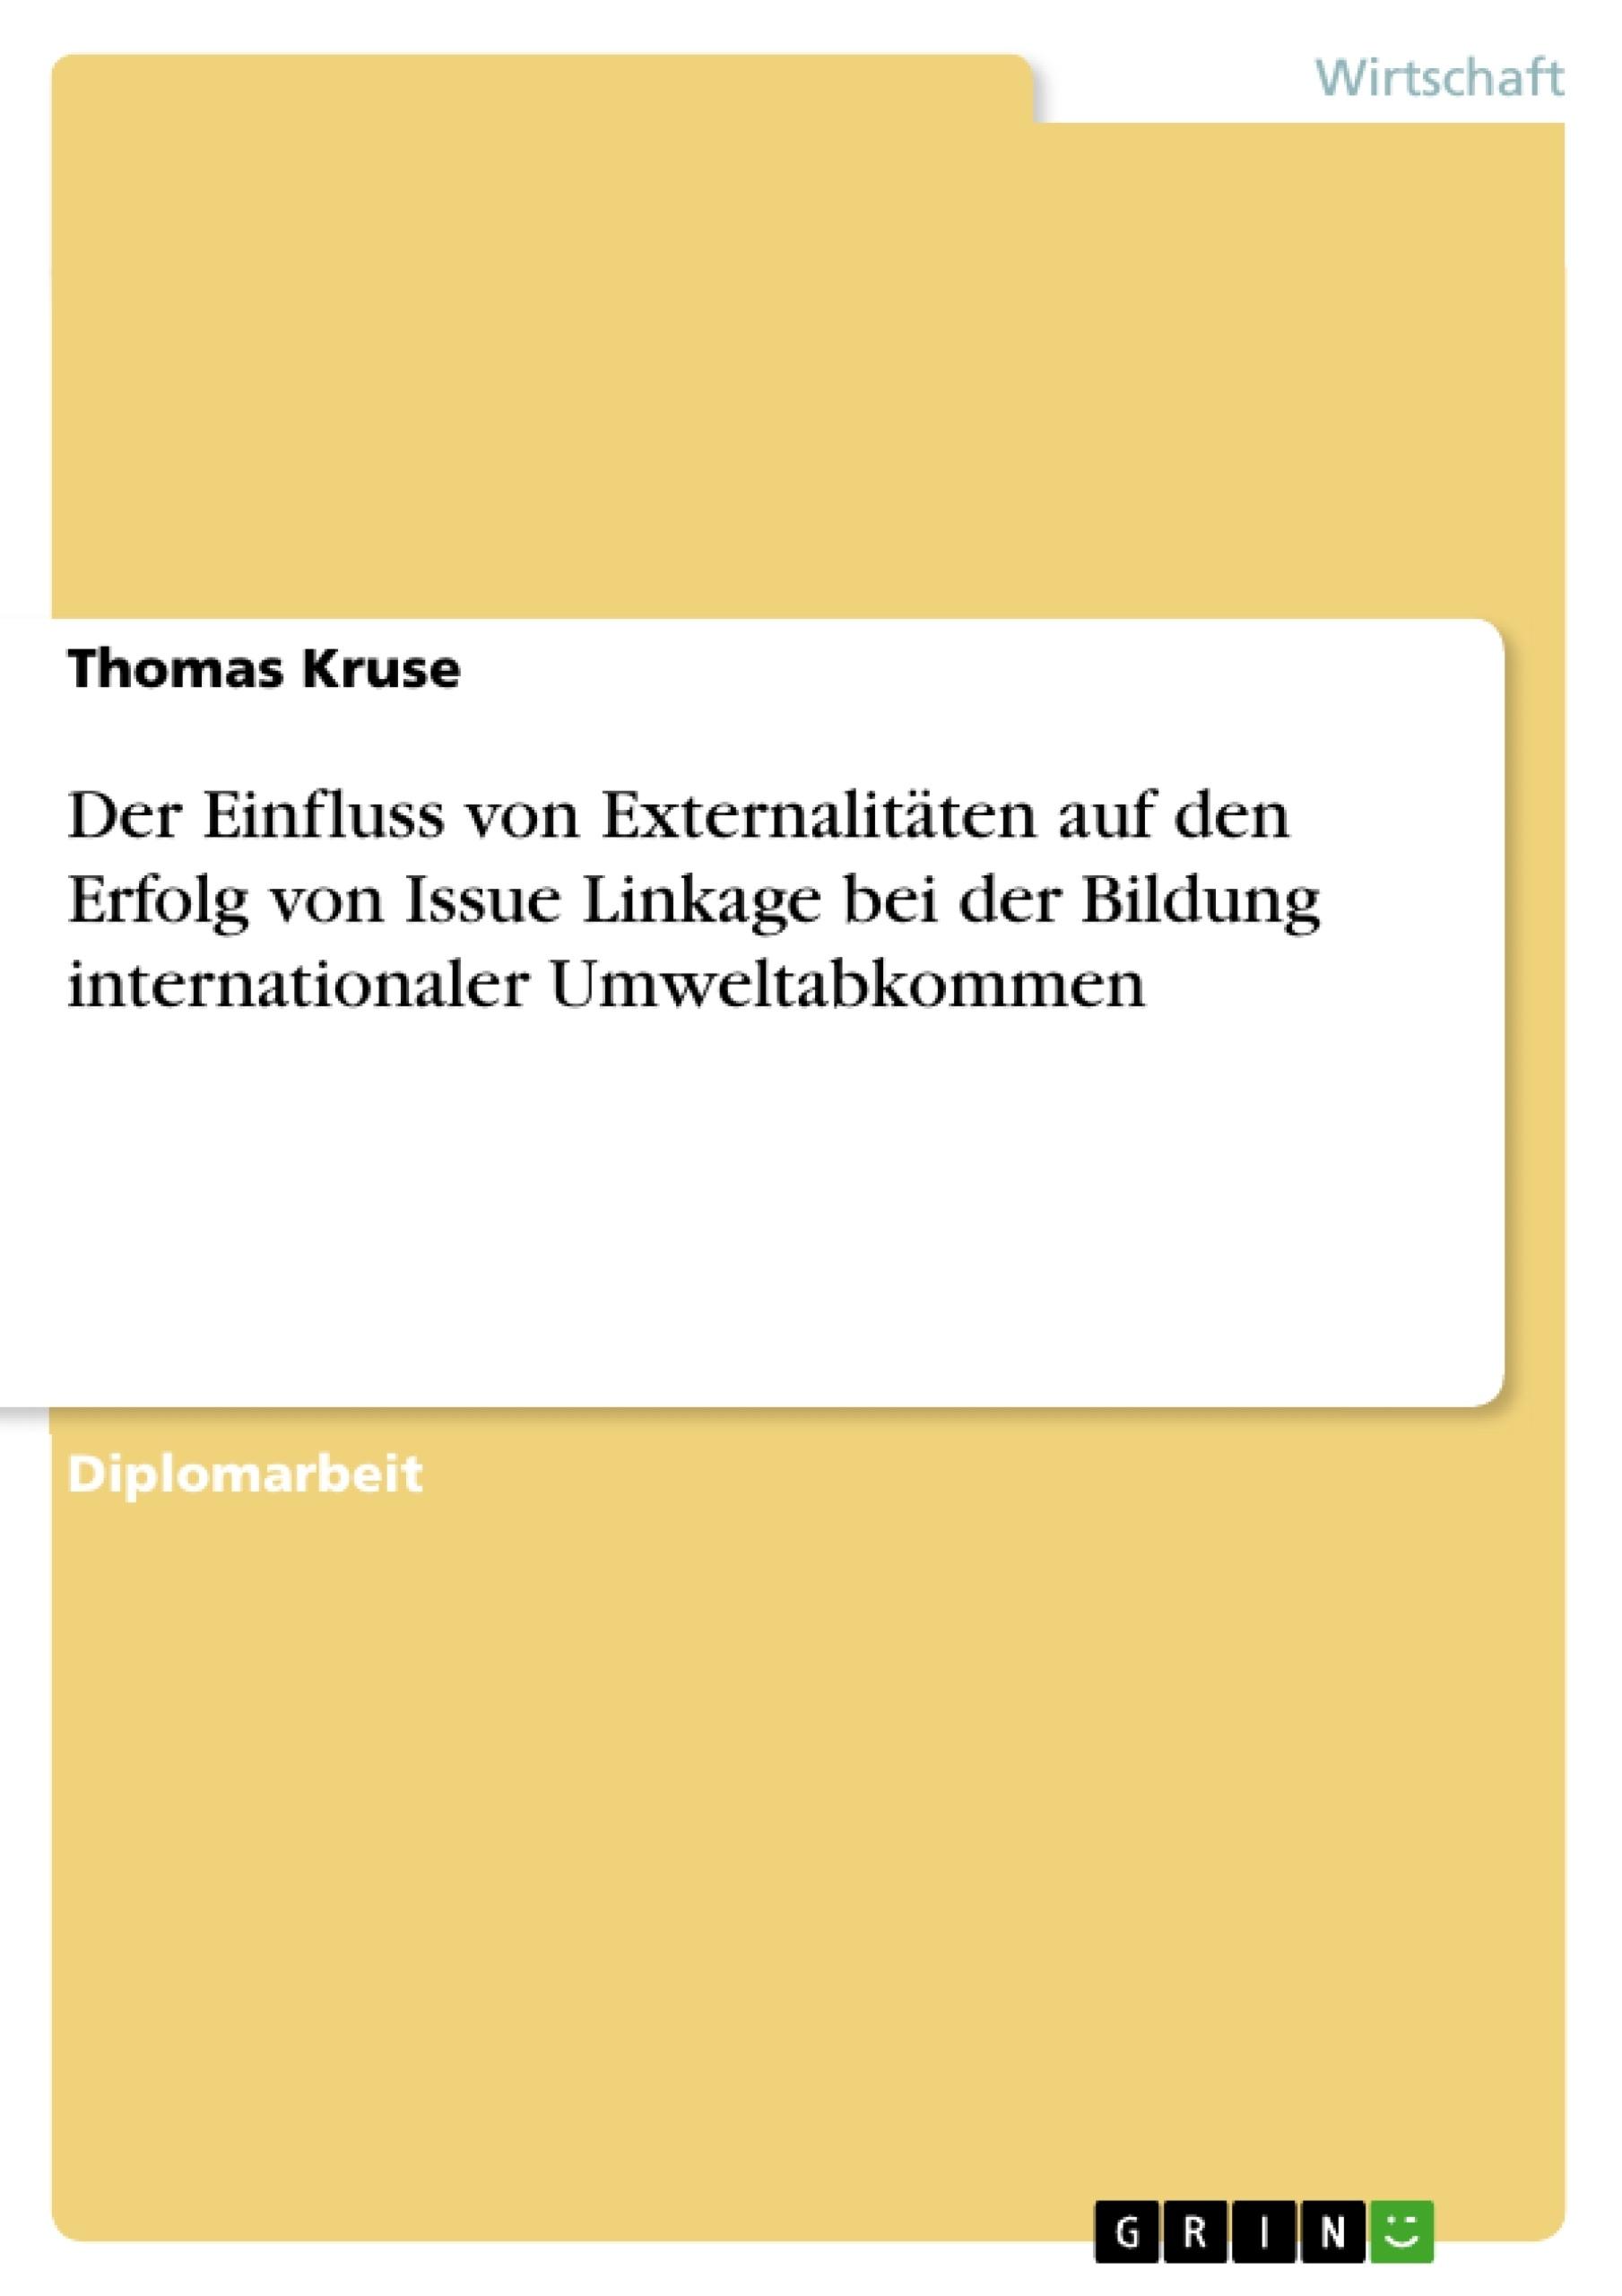 Titel: Der Einfluss von Externalitäten auf den Erfolg von Issue Linkage bei der Bildung internationaler Umweltabkommen